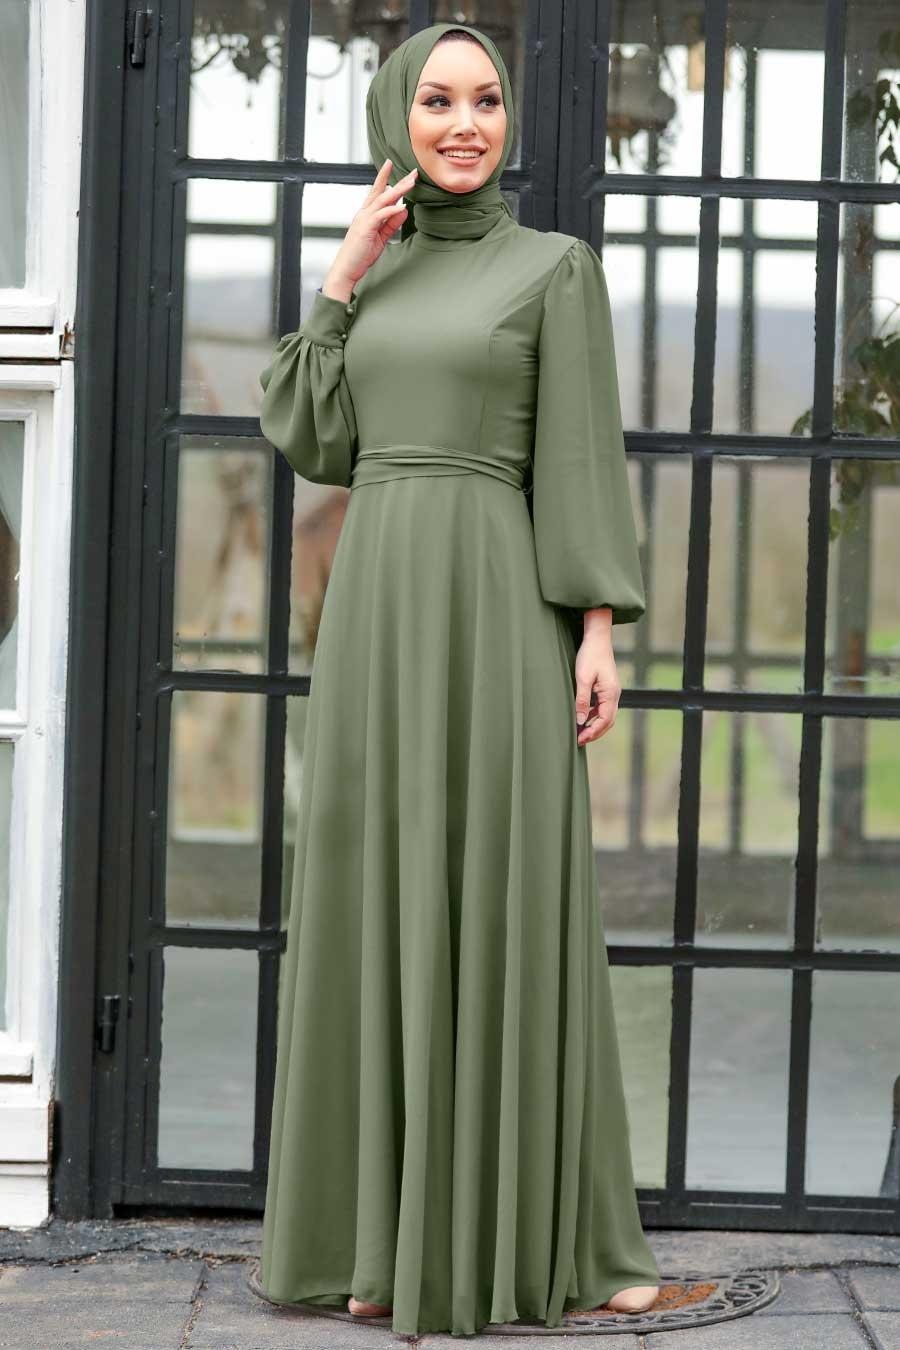 Tesettürlü Abiye Elbise - Balon Kol Haki Tesettür Abiye Elbise 5470HK